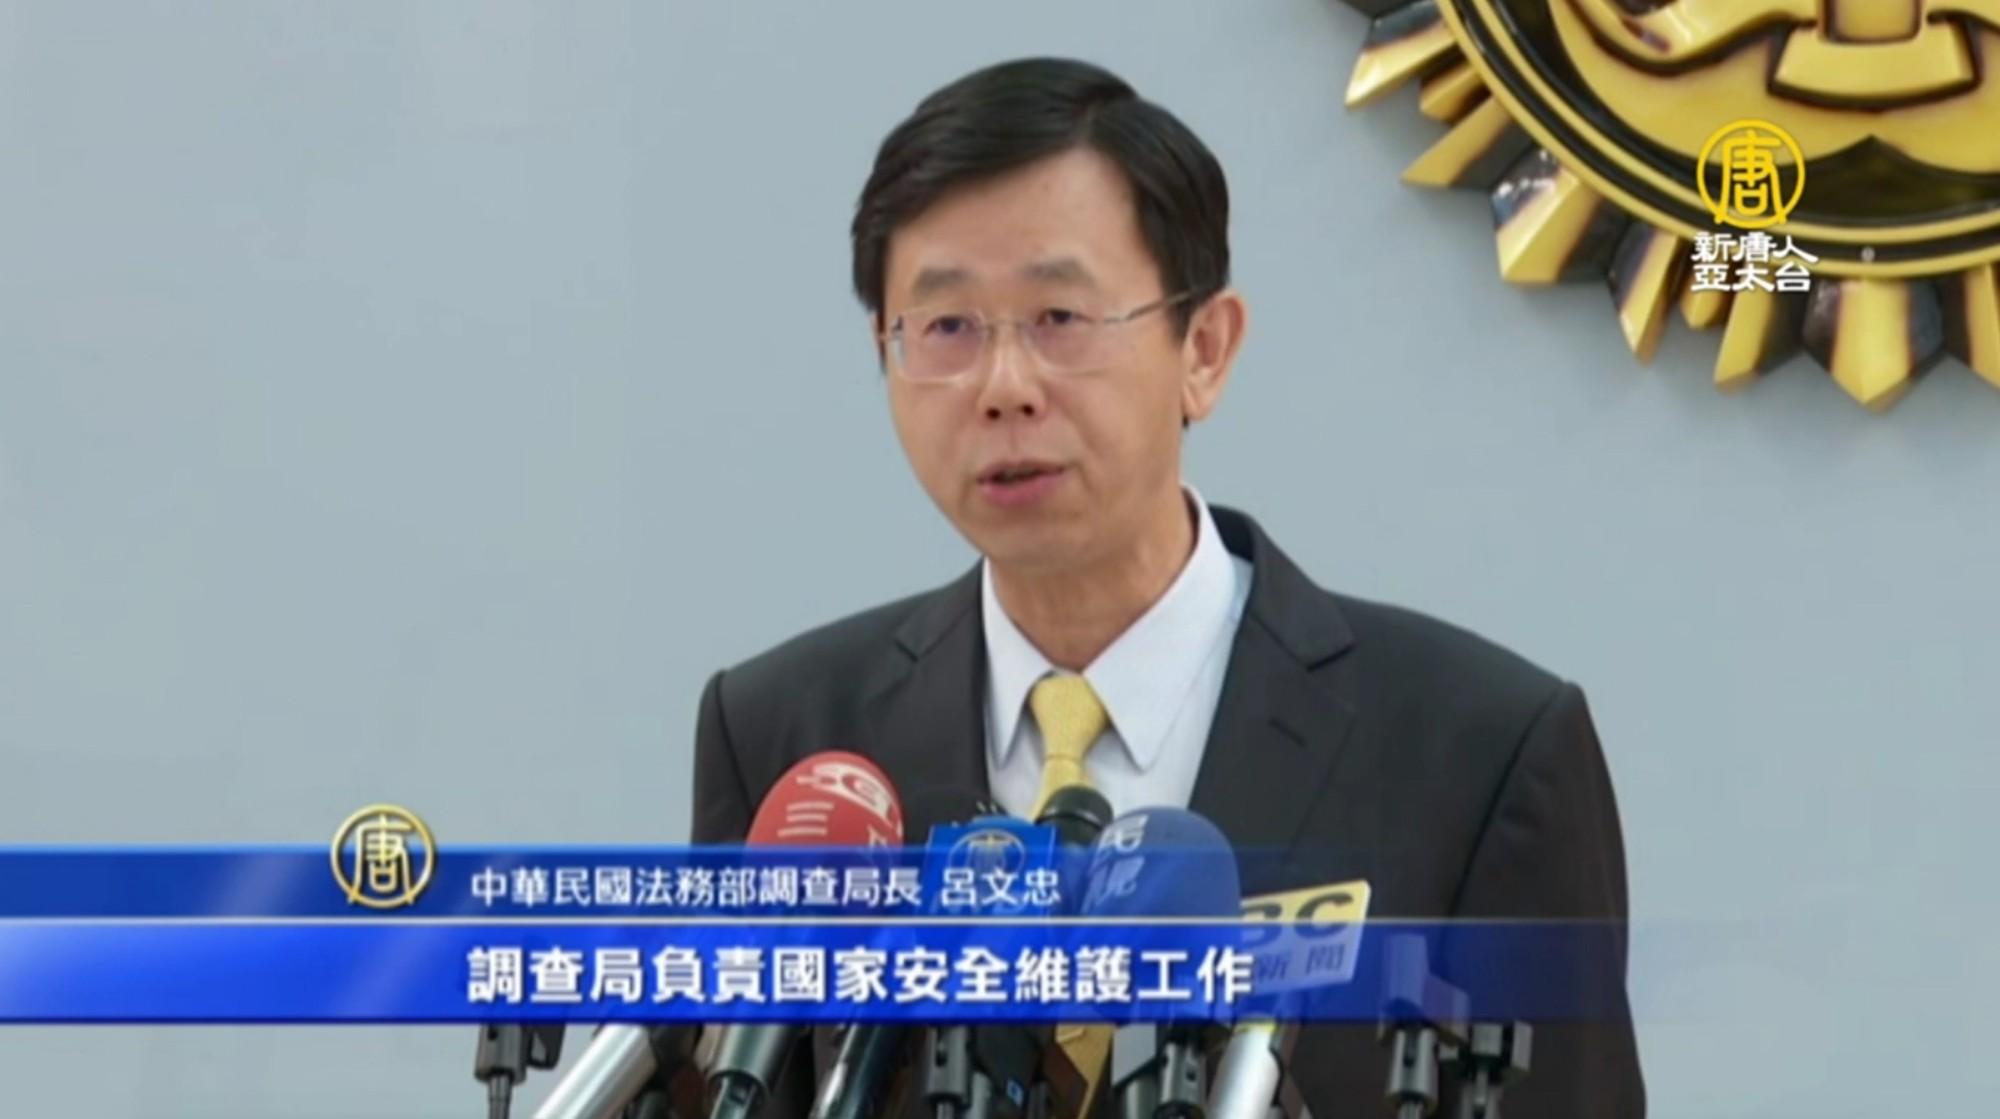 中華民國法務部調查局長呂文忠。(授權影片截圖)